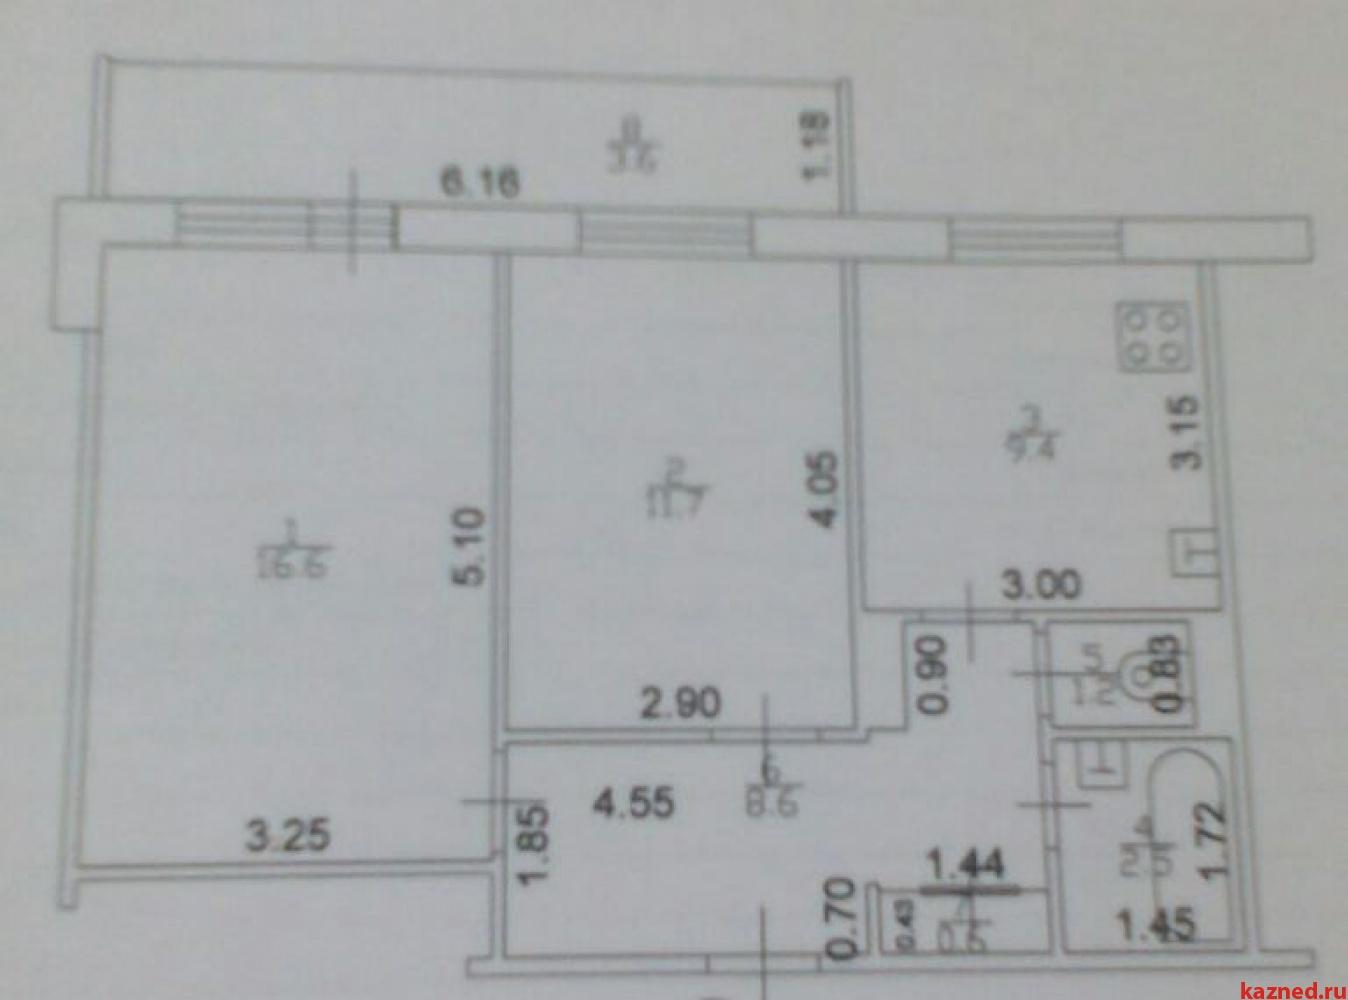 Продажа 2-к квартиры Рихарда Зорге ул, 121, 54 м² (миниатюра №8)